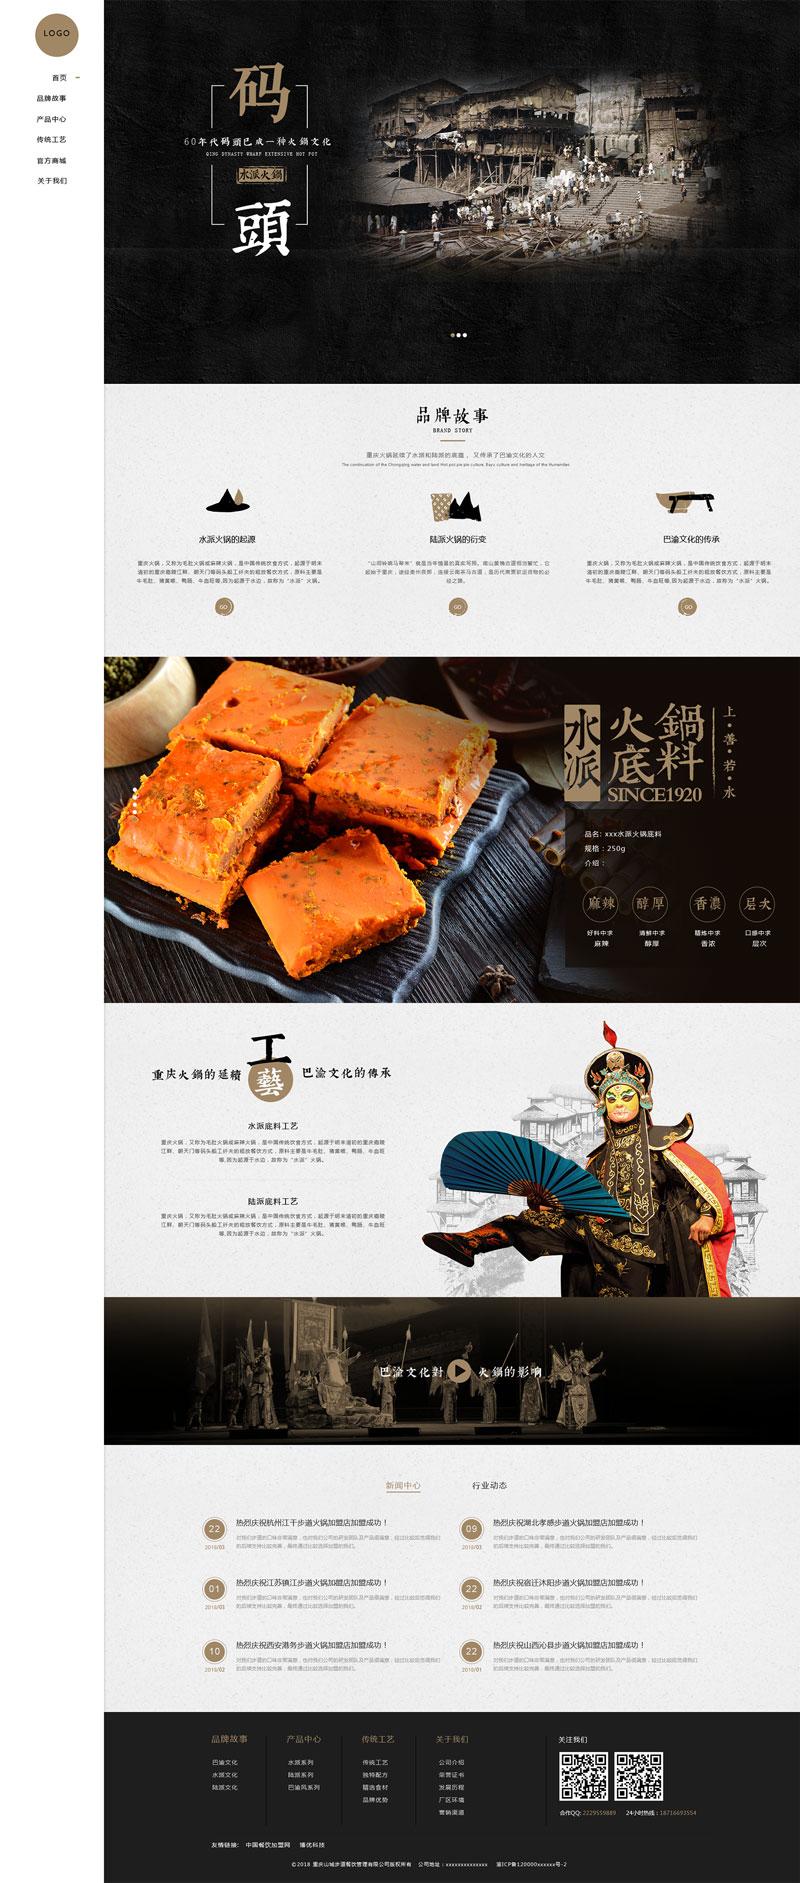 包子店加盟_早餐加盟_快餐加盟-龙麦轩包粥坊官方网站!.jpg